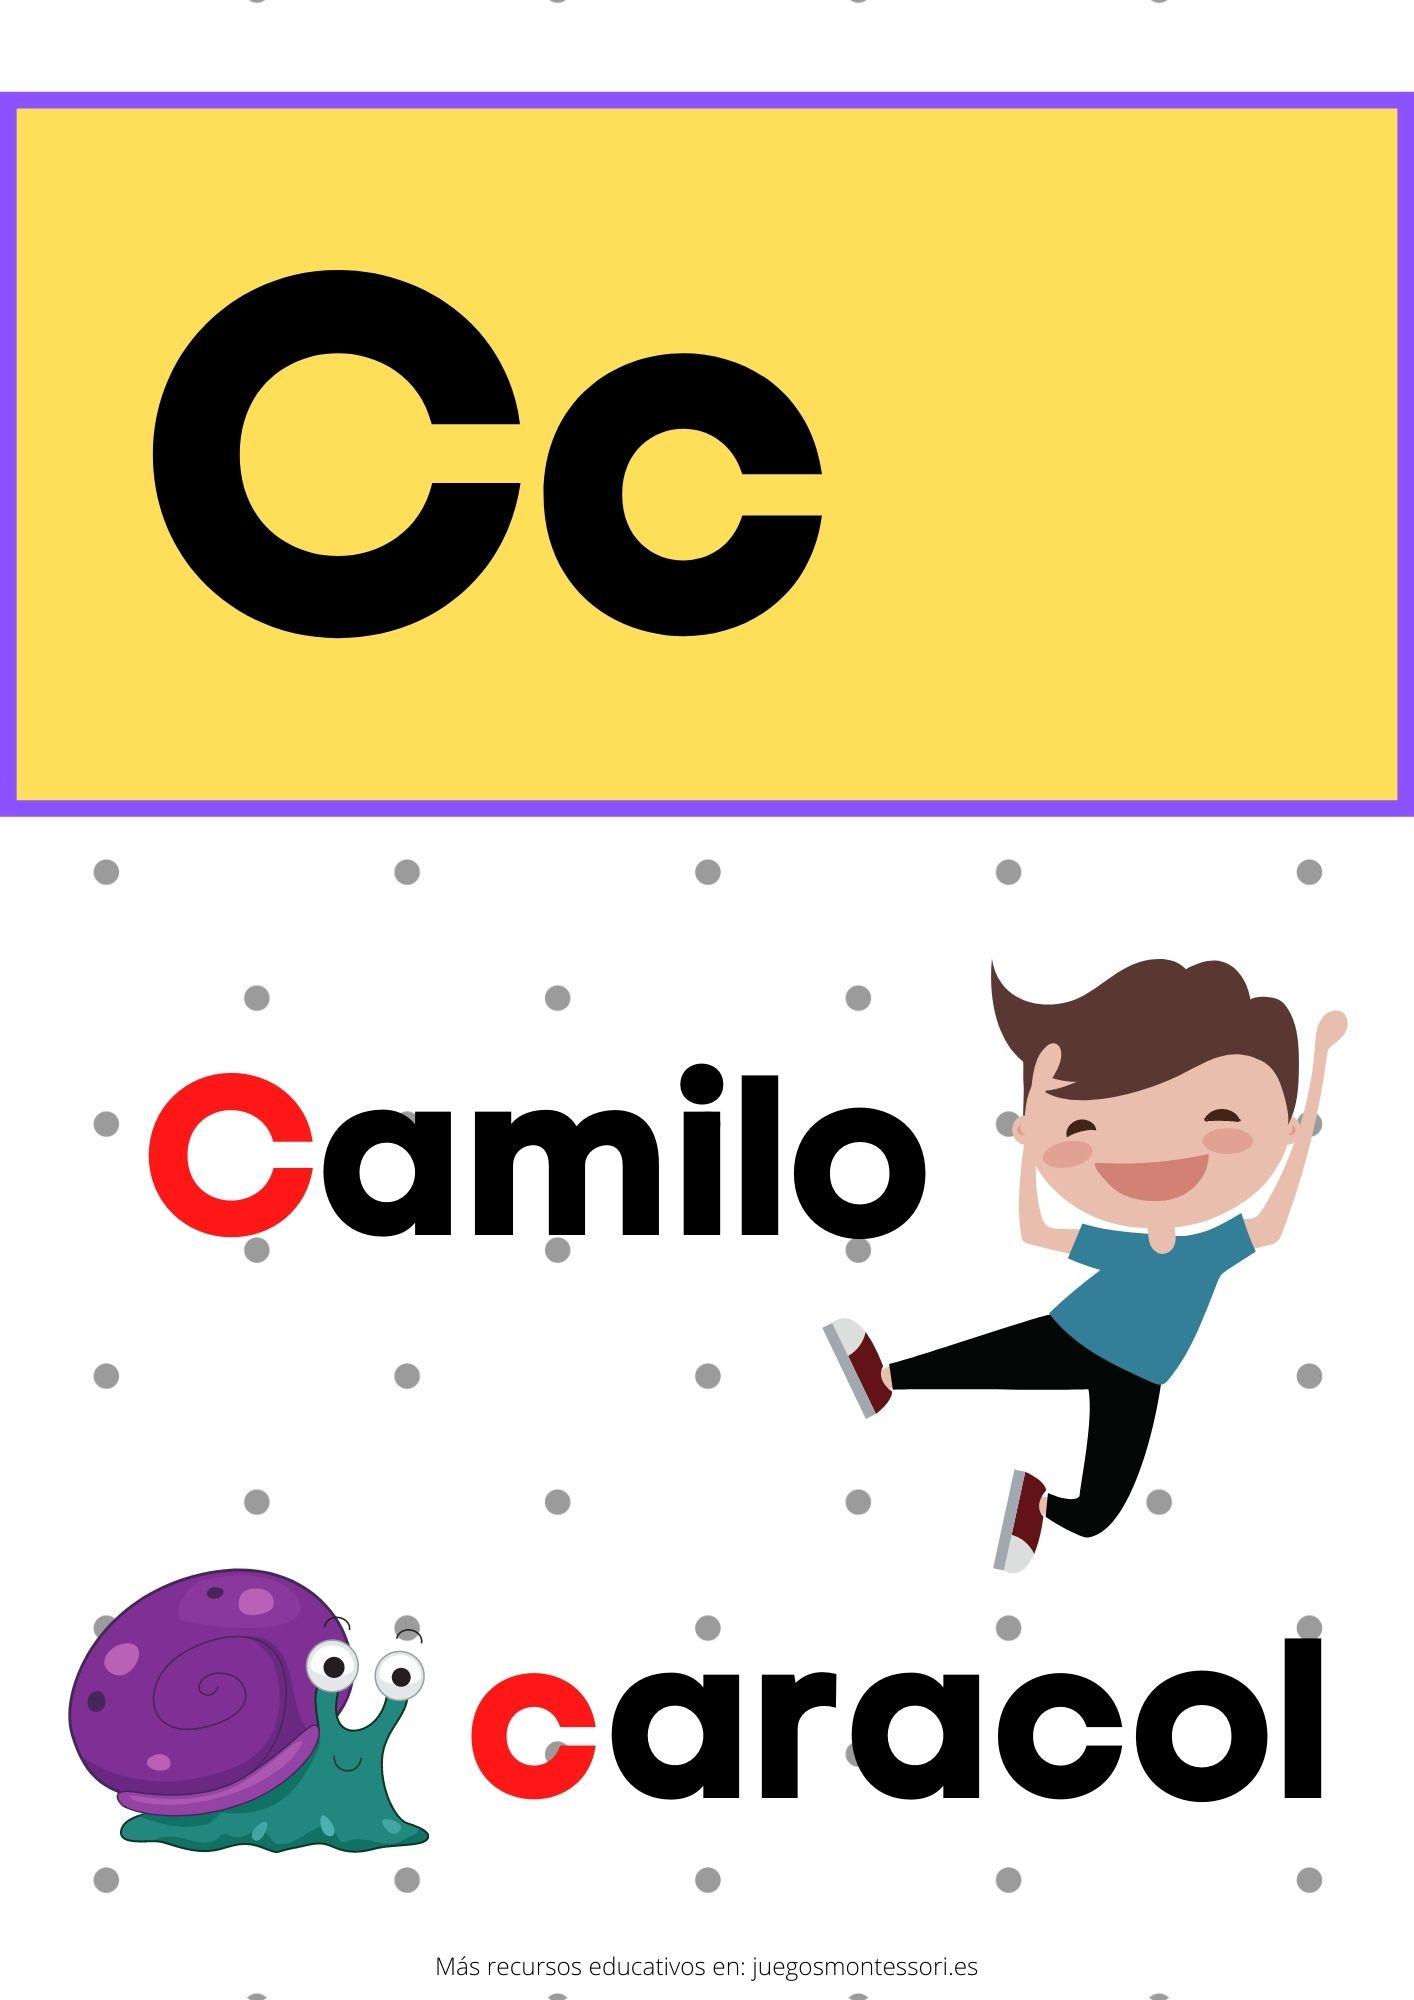 C abecedario letras separadas y grandes